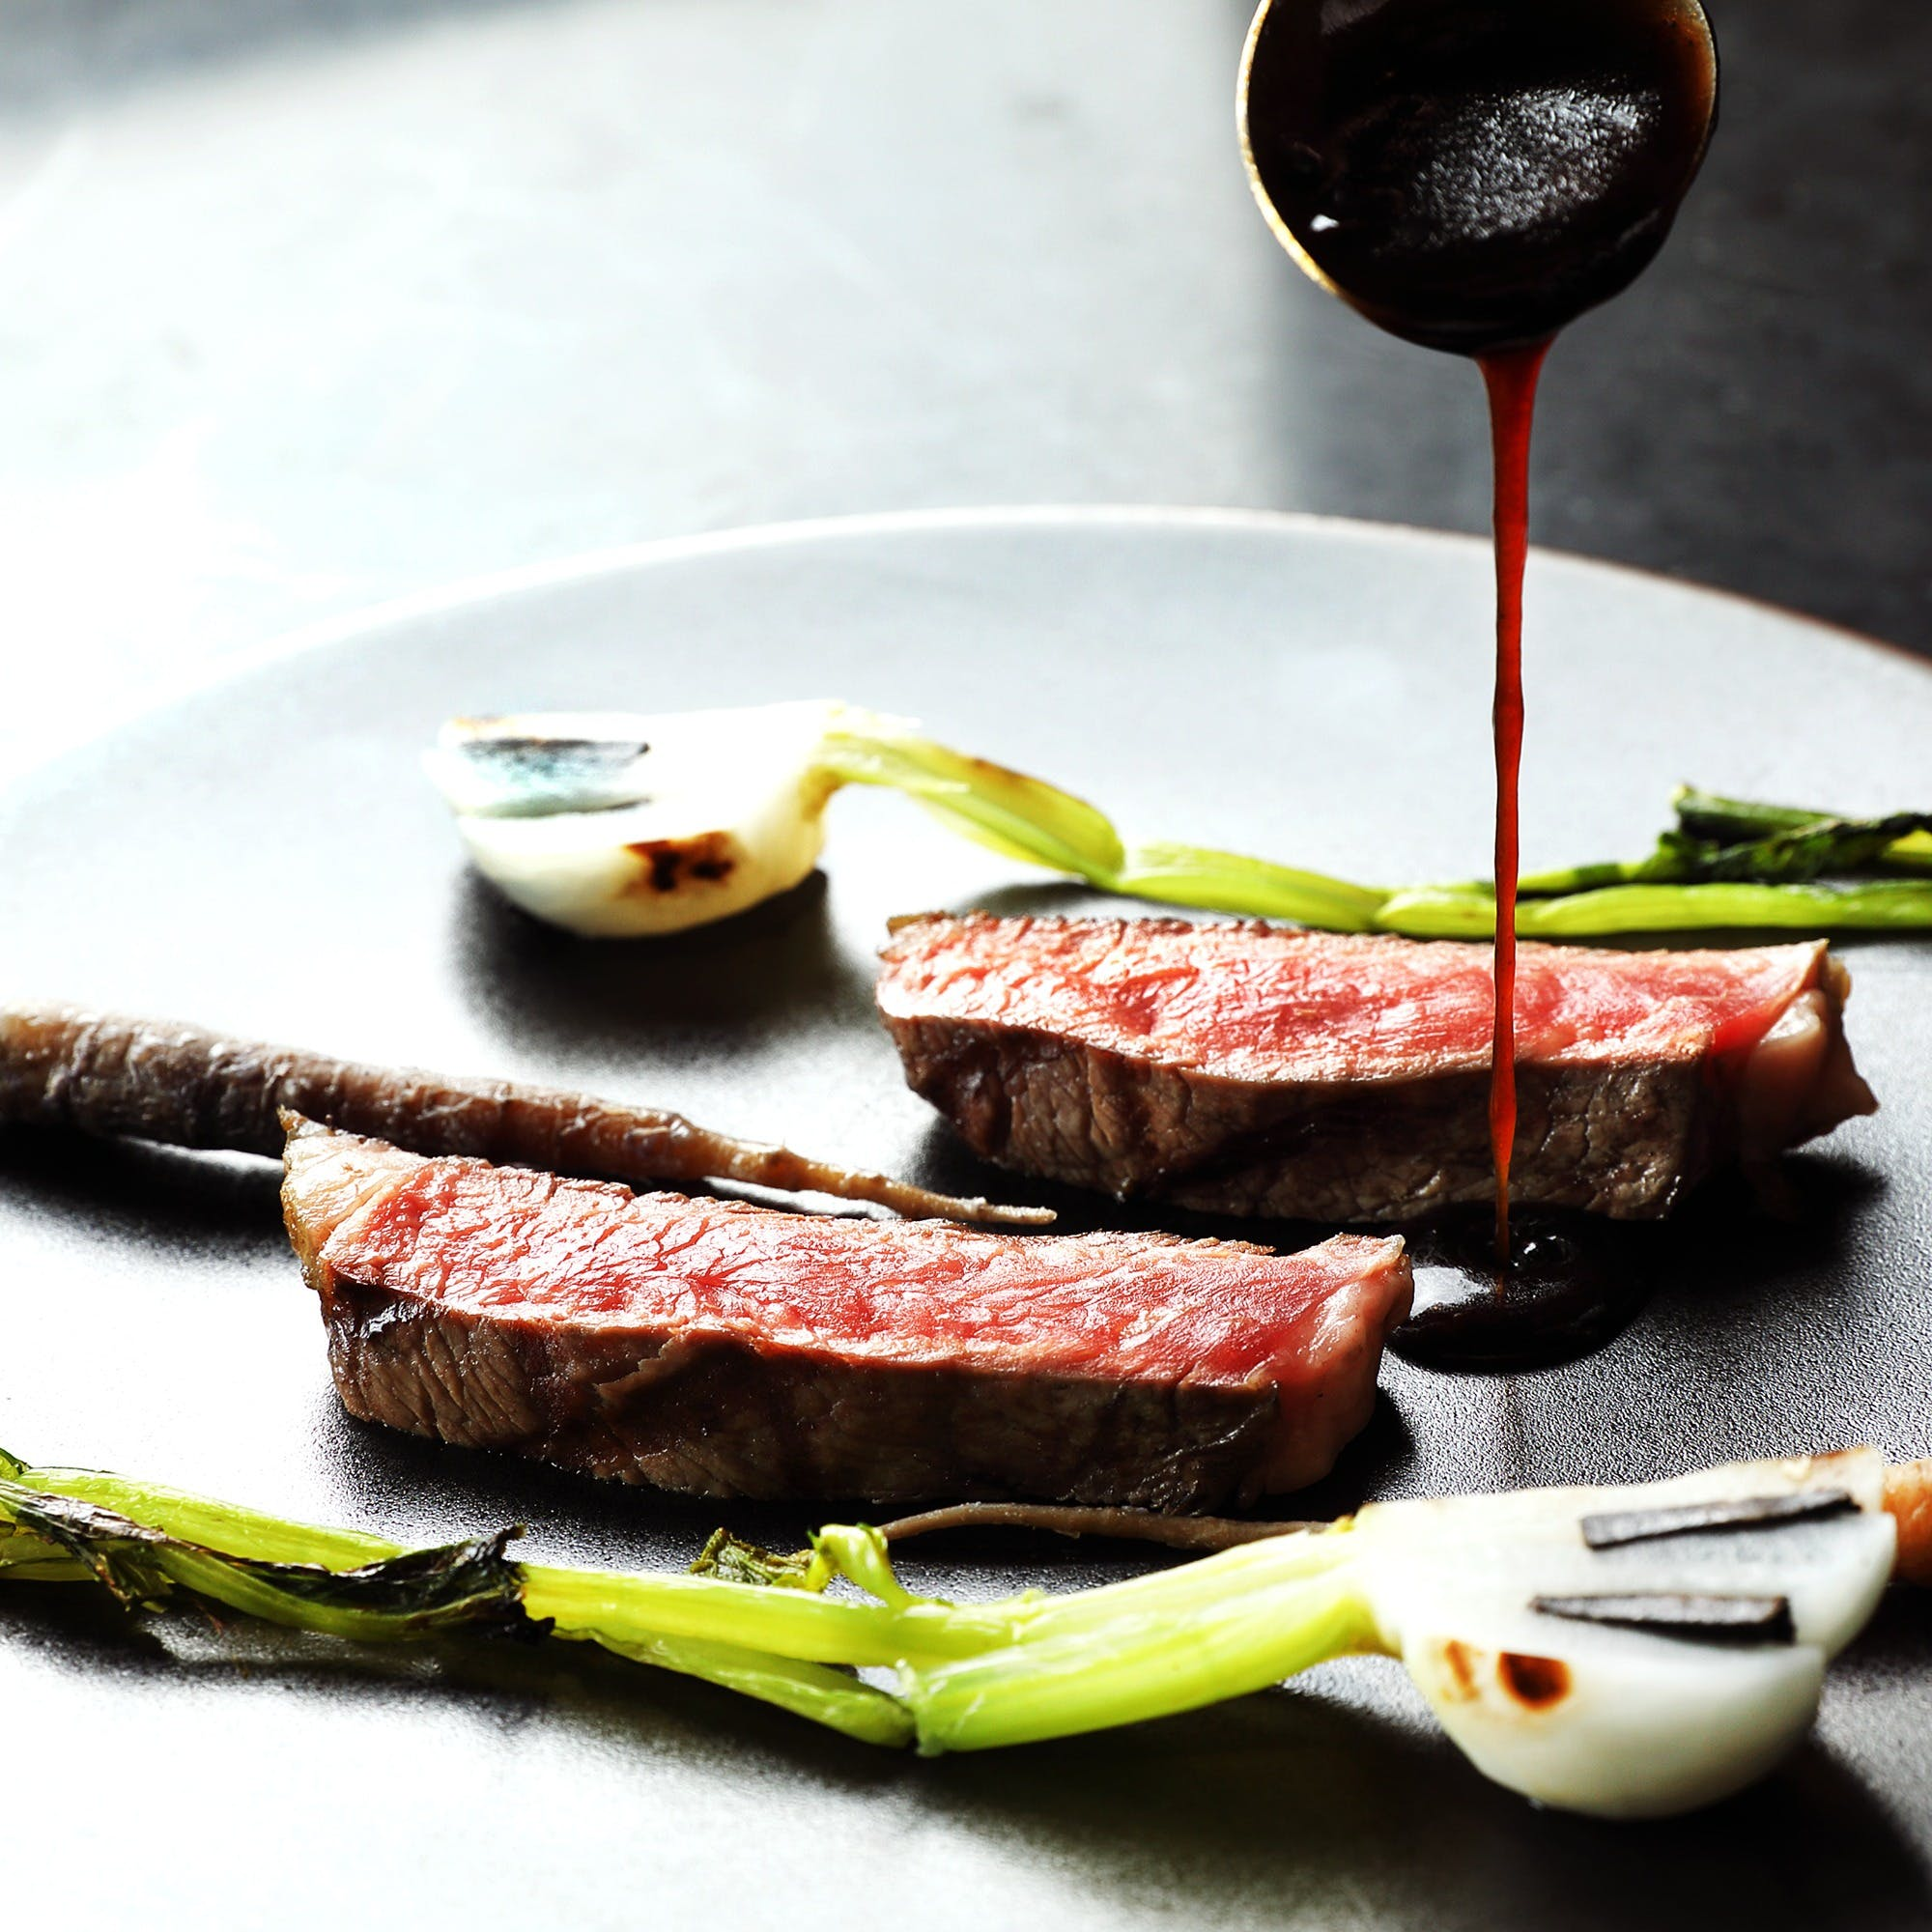 熟成肉の本場フランスで経験を重ねたシェフが生み出す新しい肉料理を